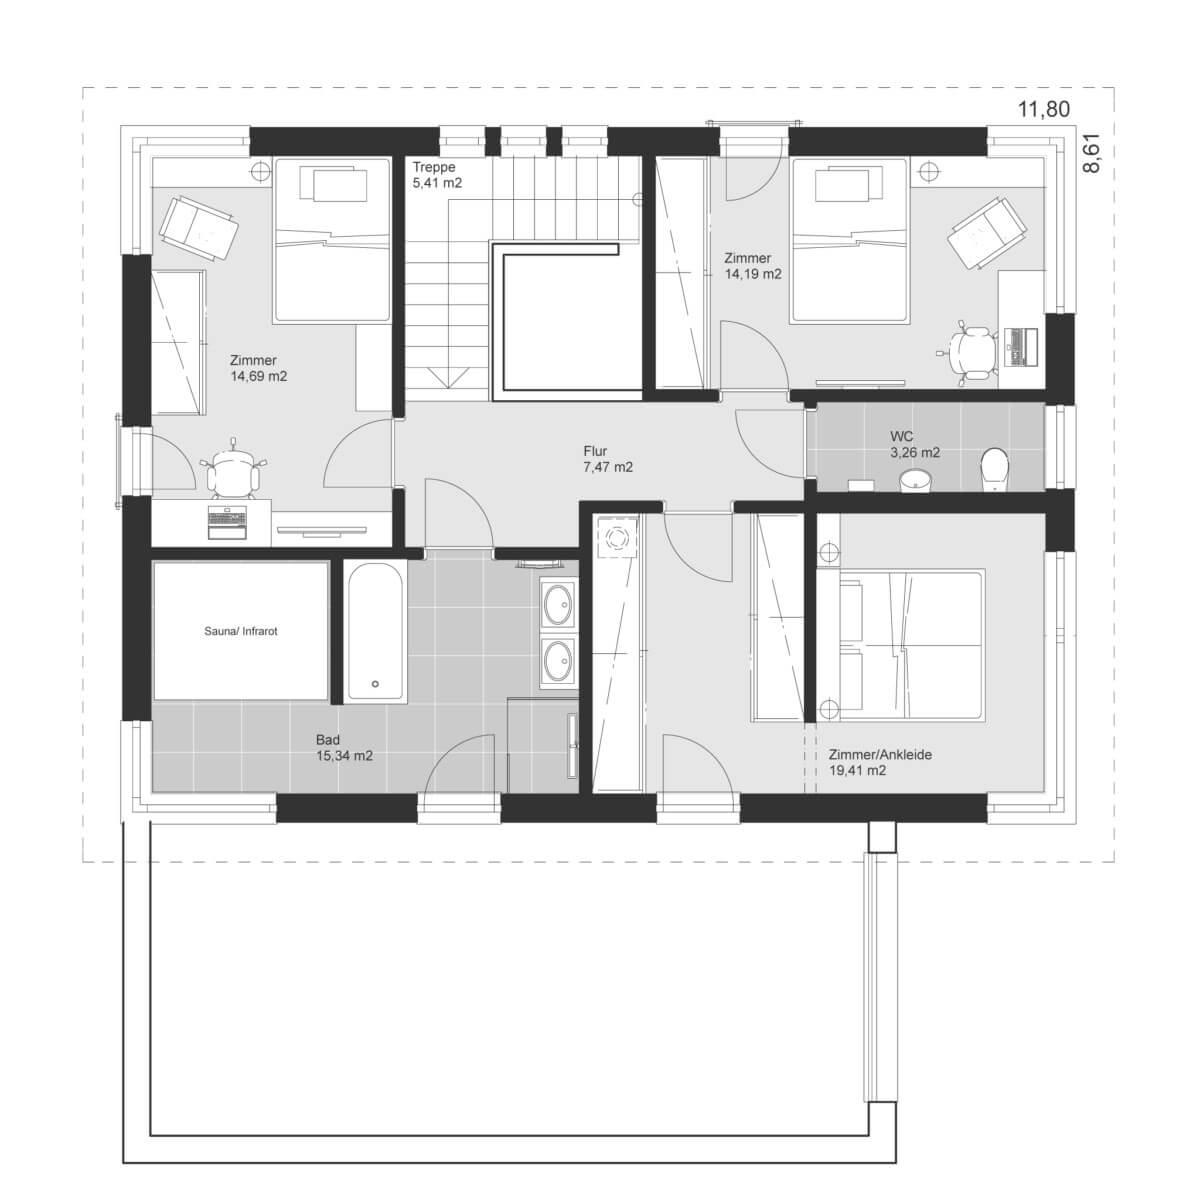 Einfamilienhaus Grundriss Obergeschoss mit Flachdach - Haus Design Ideen Fertighaus ELK Haus 186 - HausbauDirekt.de